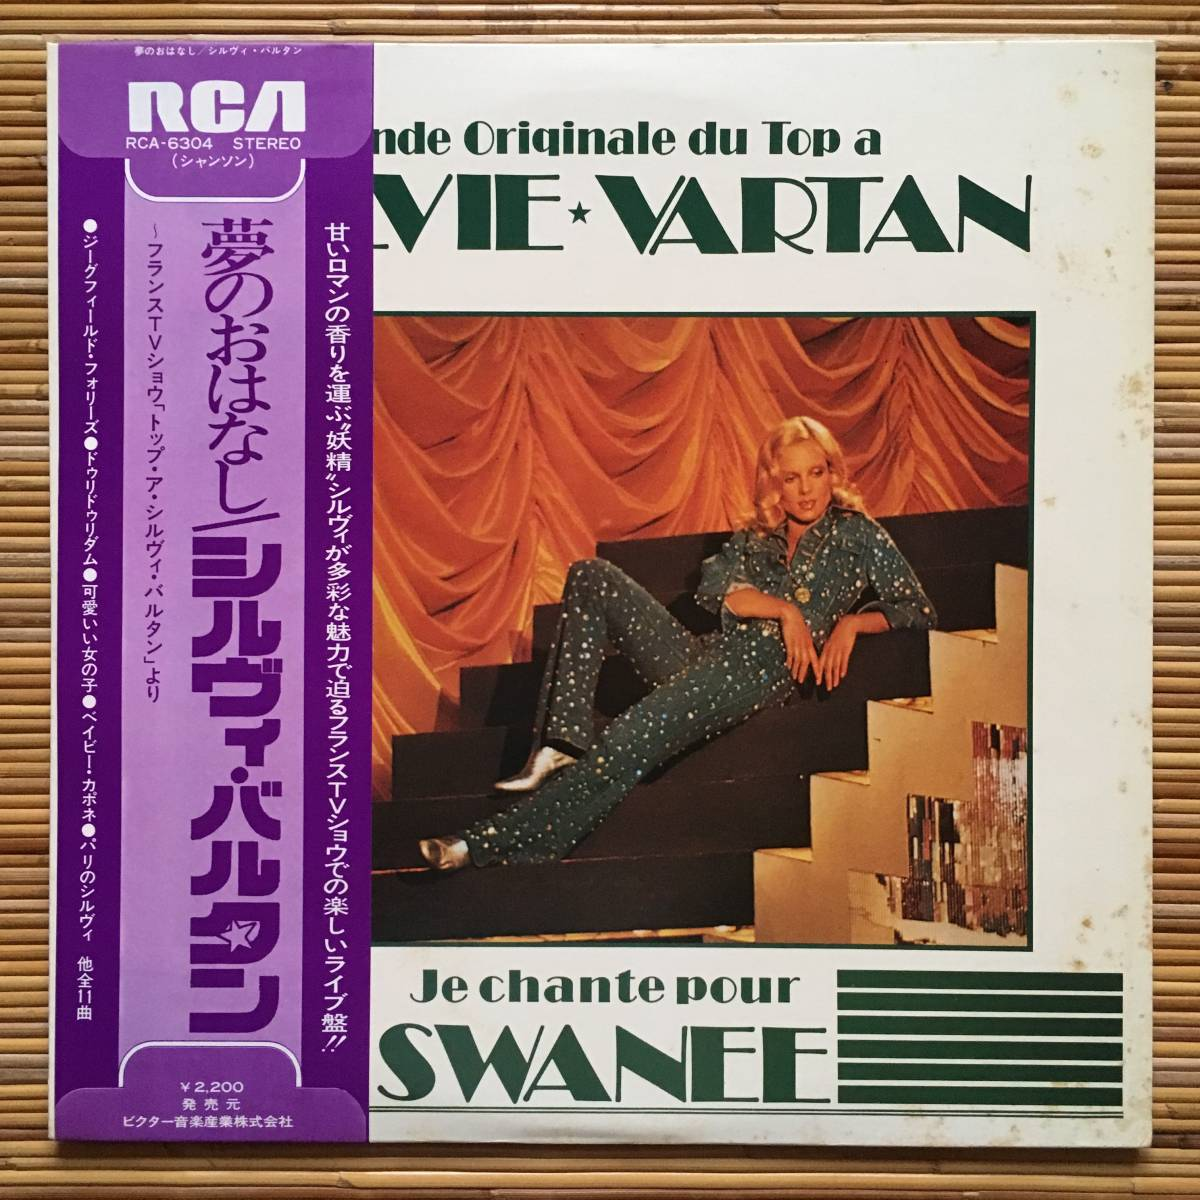 《日本盤・帯付!》シルヴィ・バルタン『夢のおはなし』LP~SYLVIE VARTAN/Swanee/ヴァルタン/トップ・ア/フレンチ・ポップ/フランス_画像1